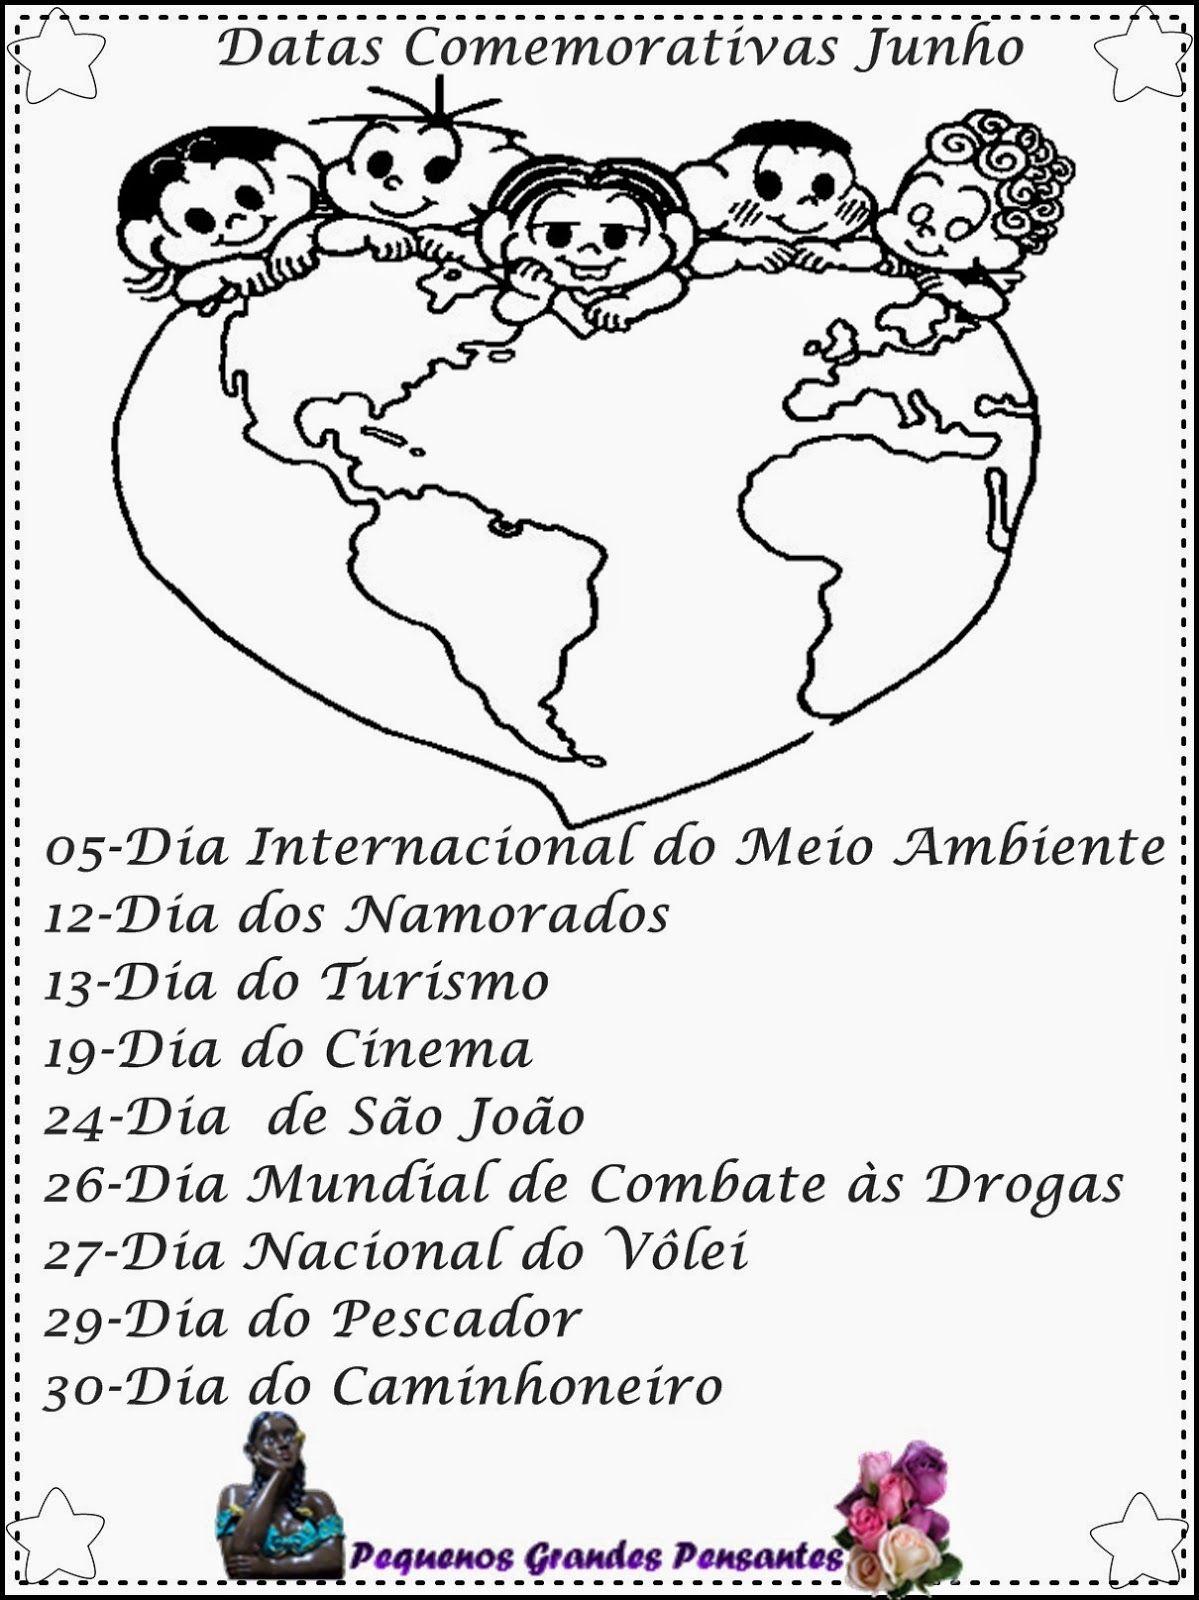 Datas Comemorativas De Junho Com Imagens Datas Comemorativas